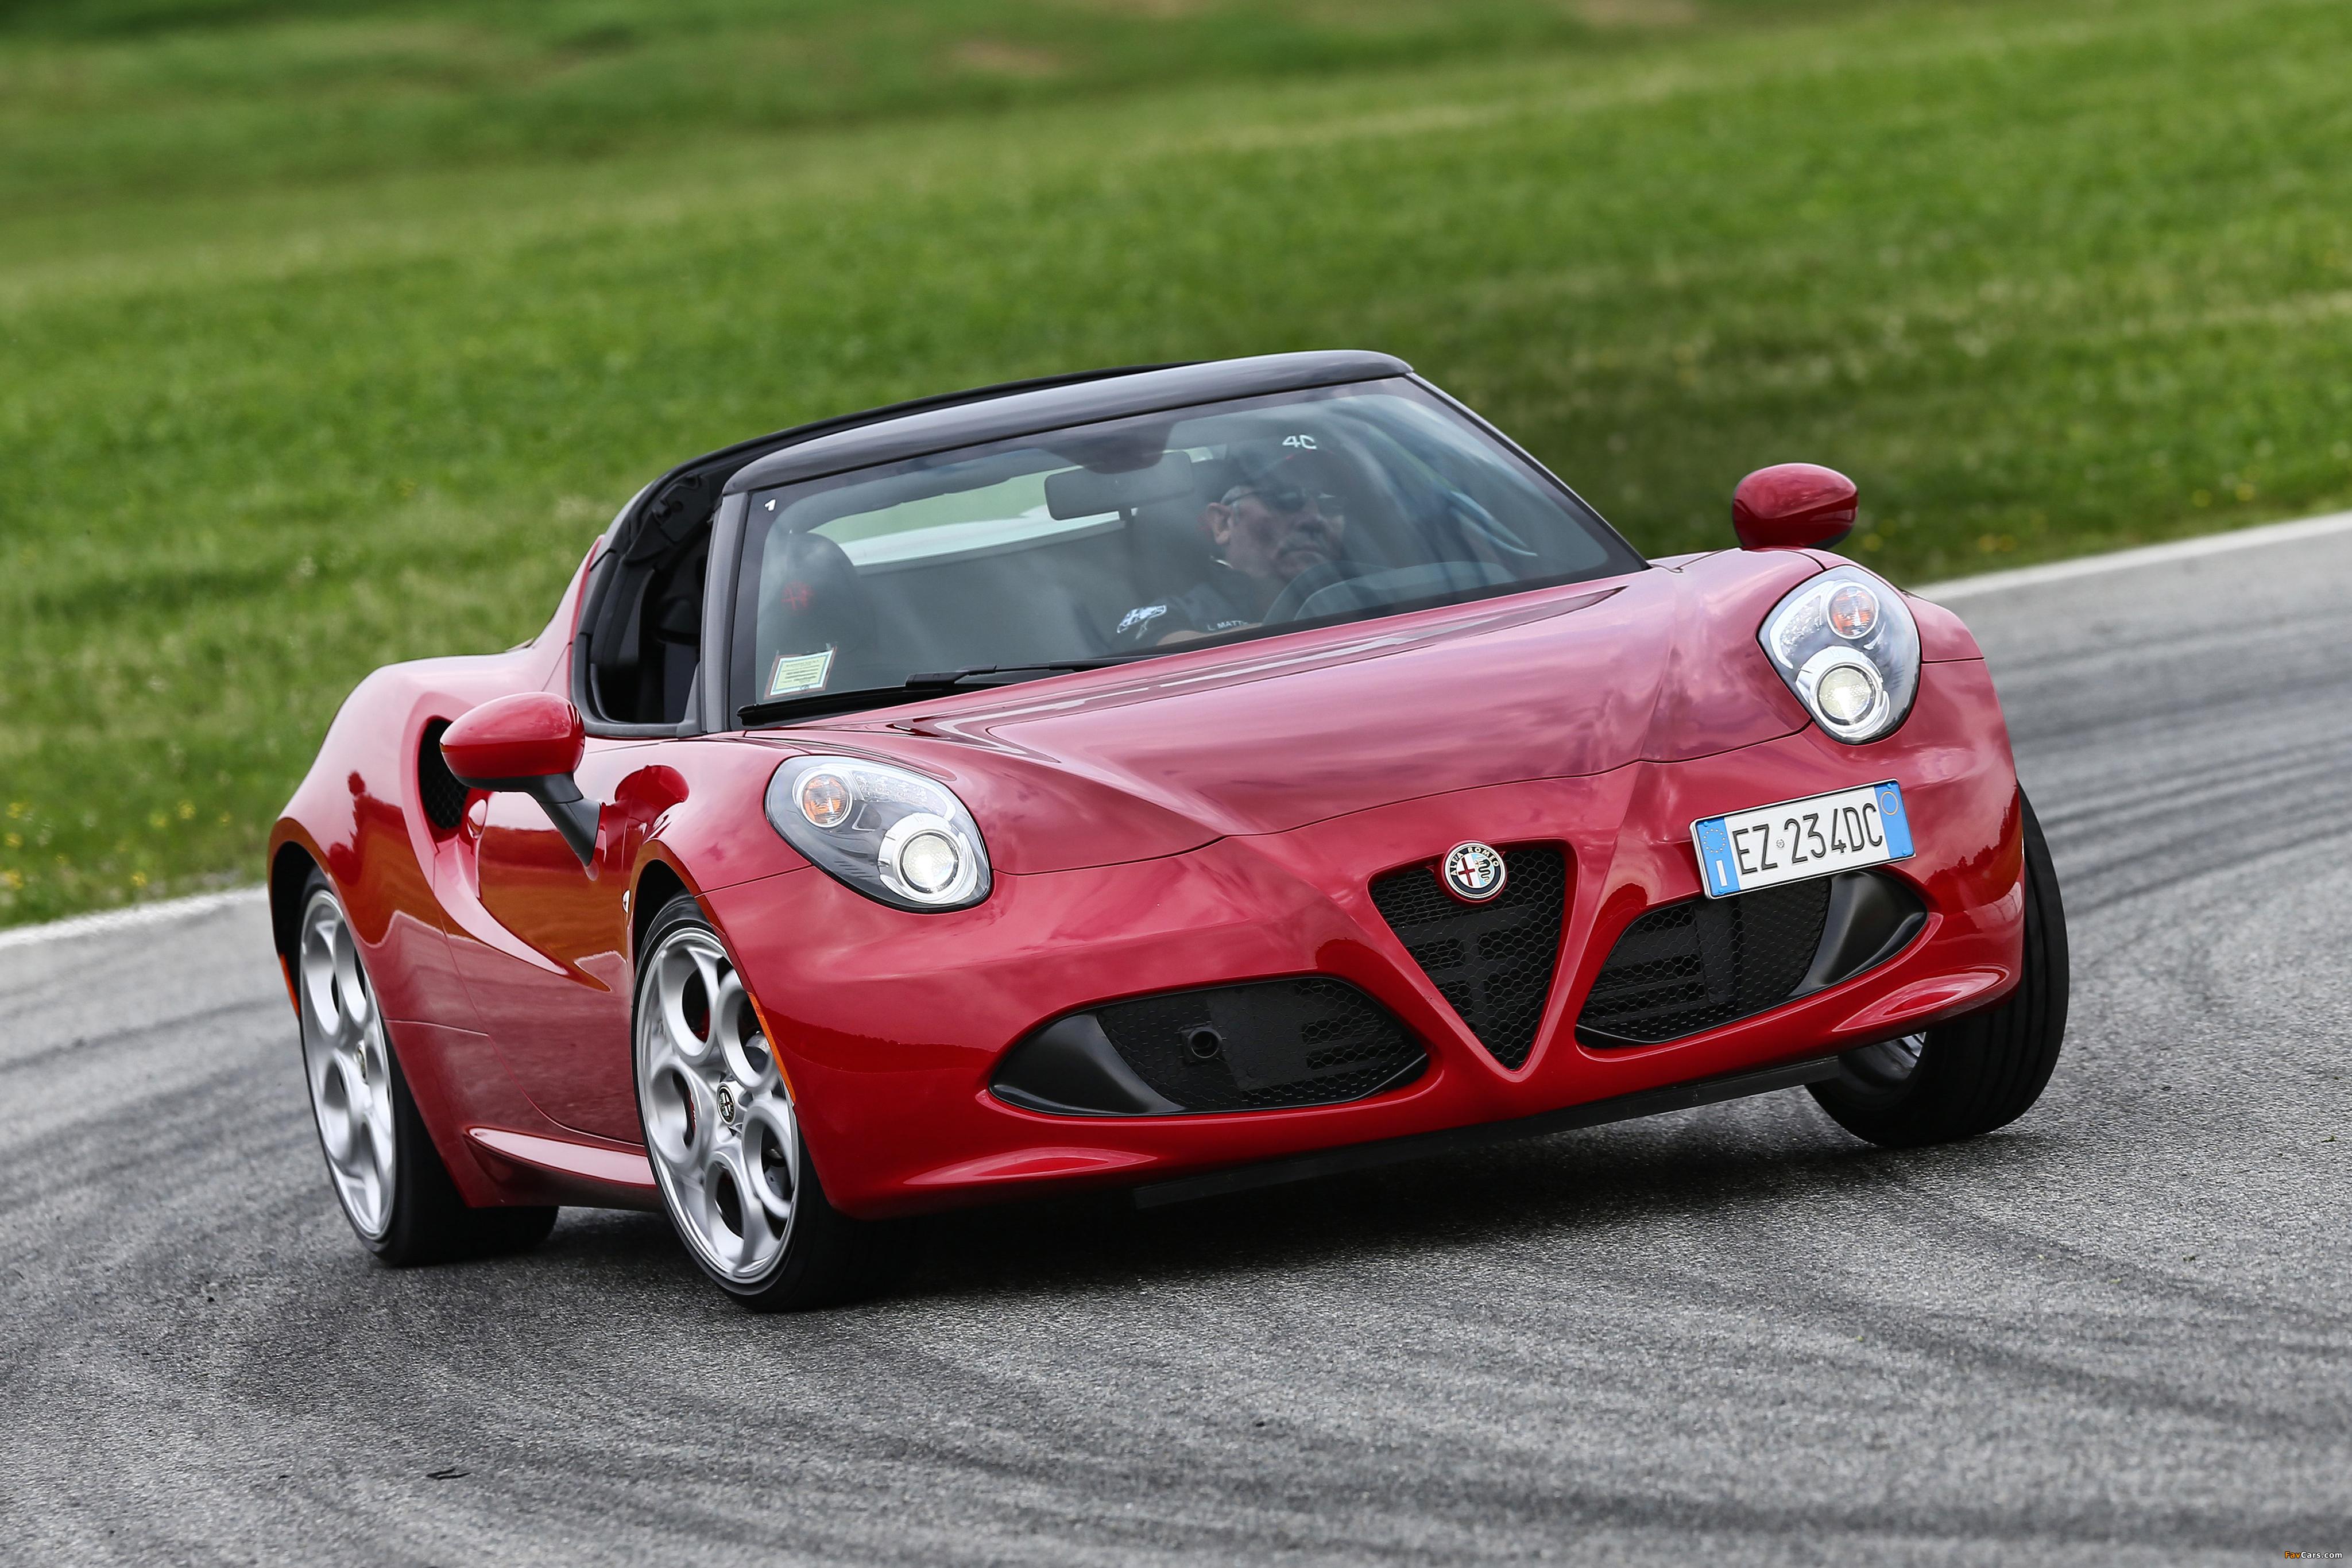 Alfa Romeo 4C Spider (960) 2015 images (4096 x 2731)